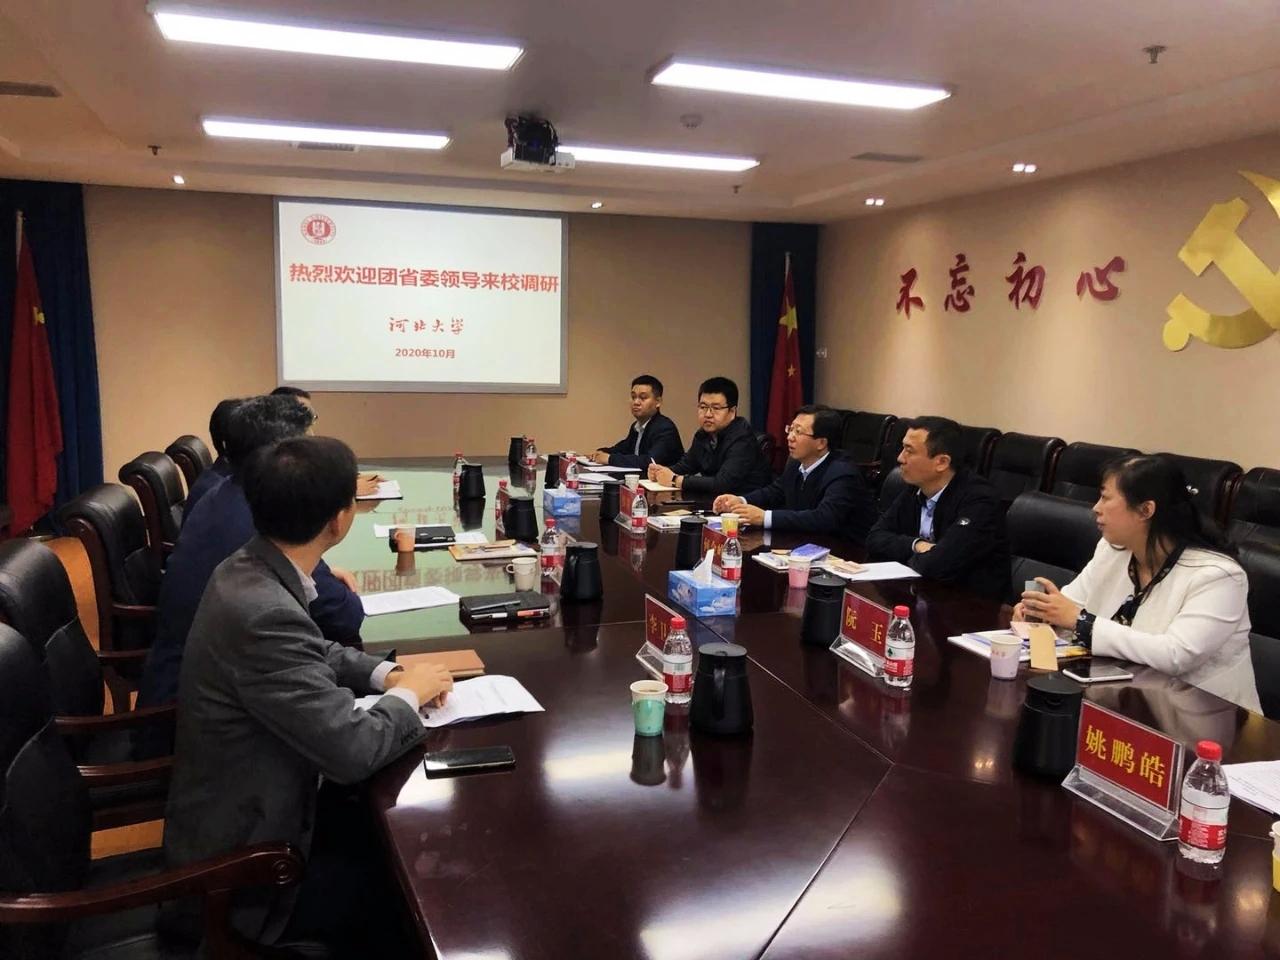 河北大学启动北京冬奥会志愿服务对接工作